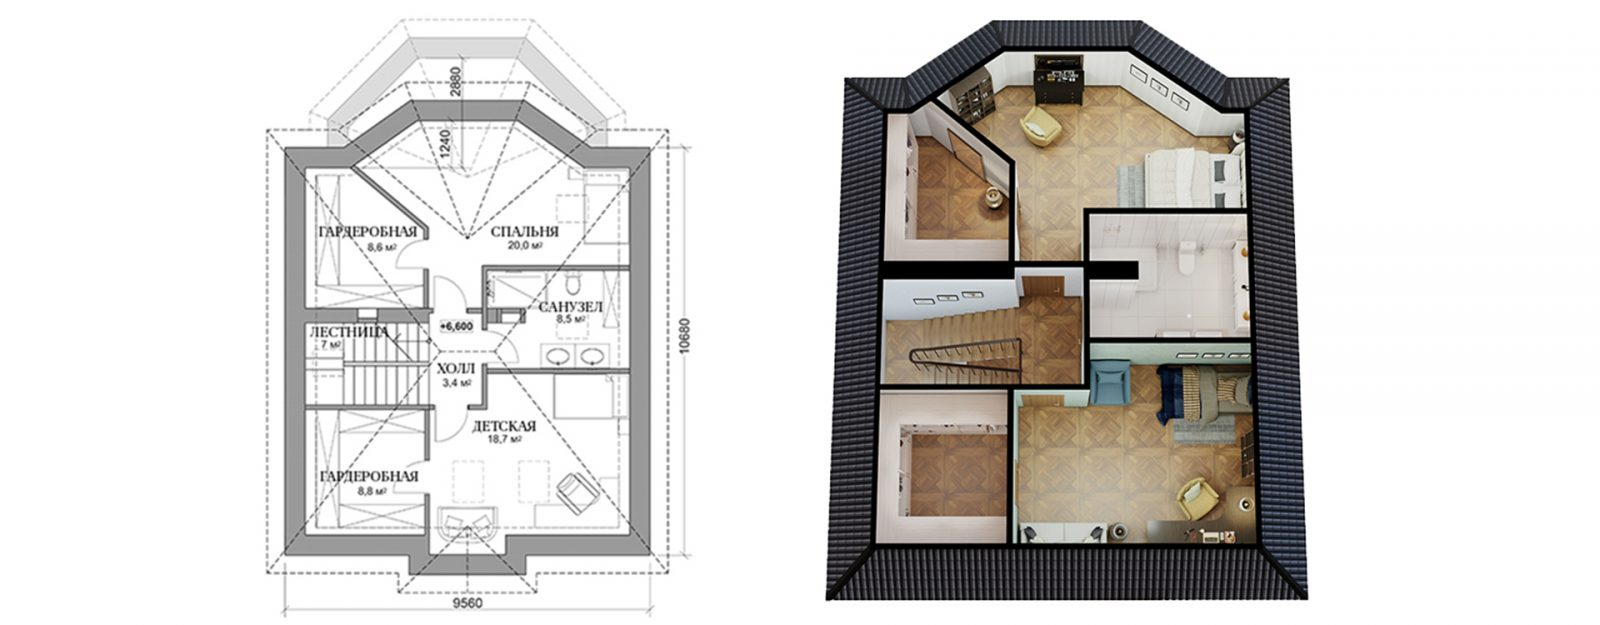 """Планировка мансардного этажа коттеджа """"Оливия"""""""